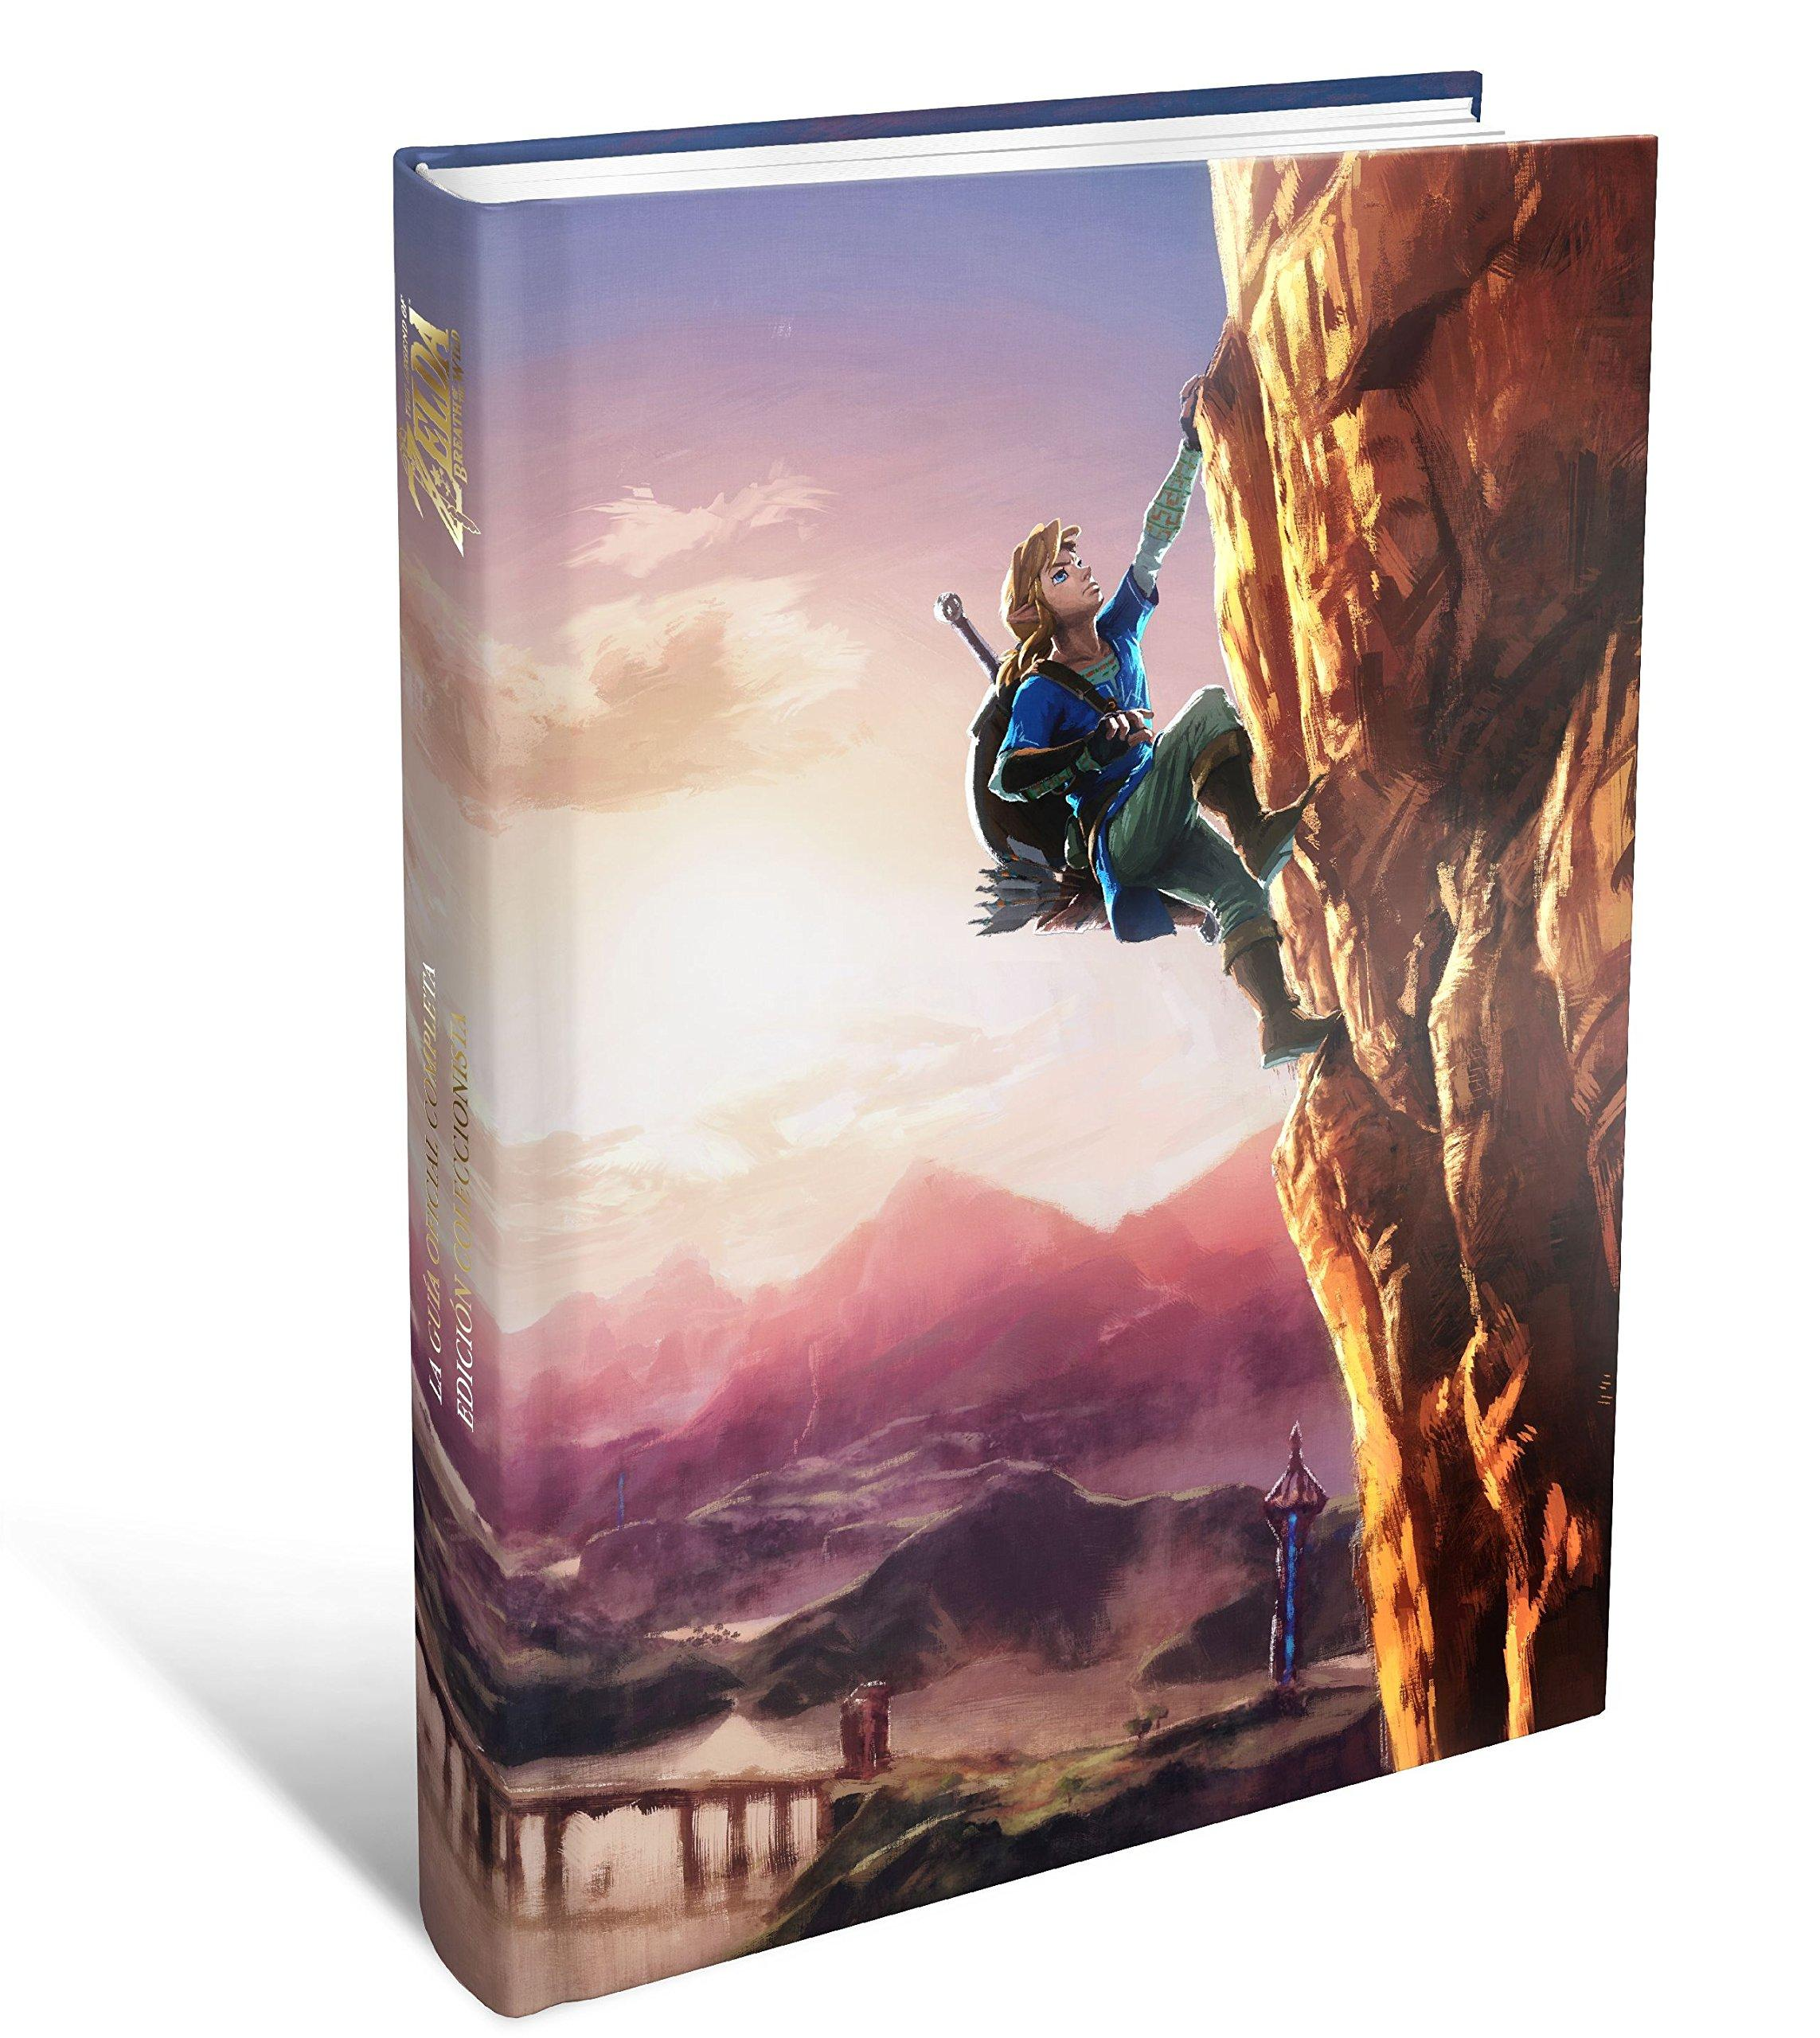 The Legend Of Zelda. Breath Of The Wild. La guía oficial completa - Edición coleccionista: Amazon.es: Vv.Aa., Vv.Aa.: Libros